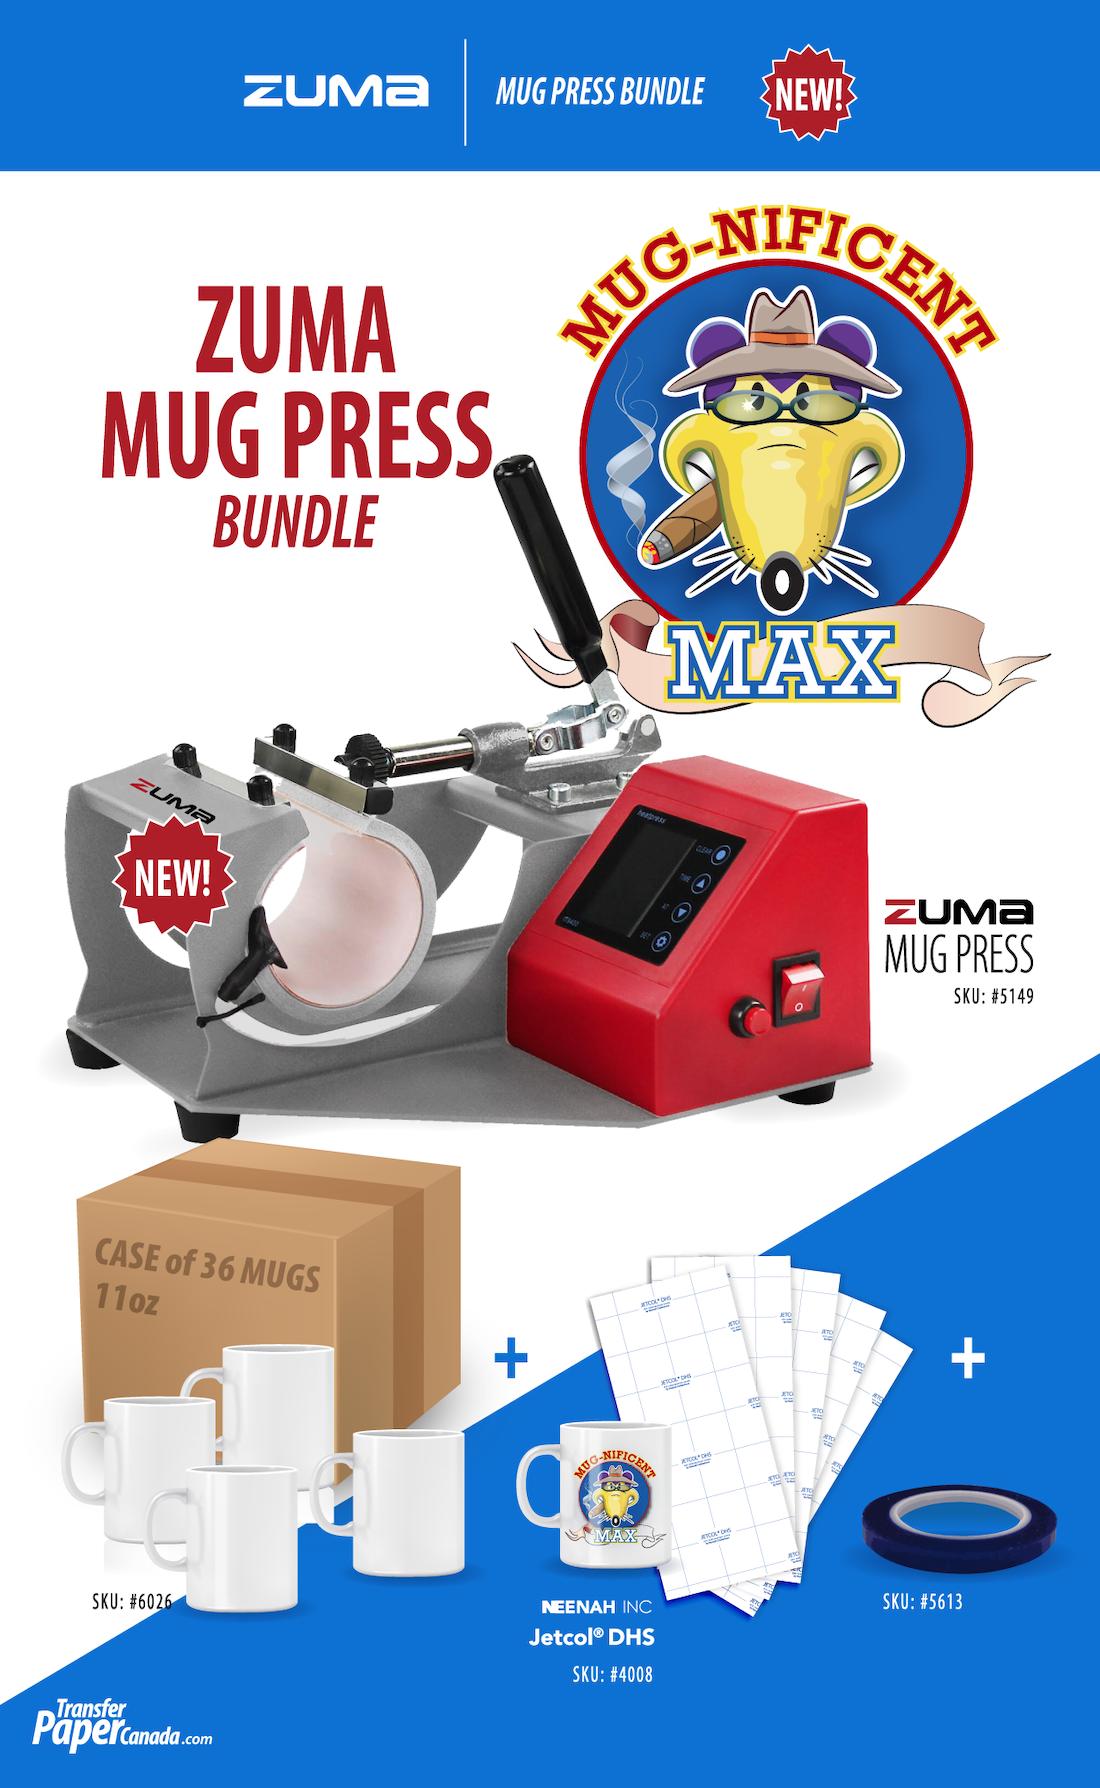 cc-banner-zuma-mug-bundle-april-2021.png